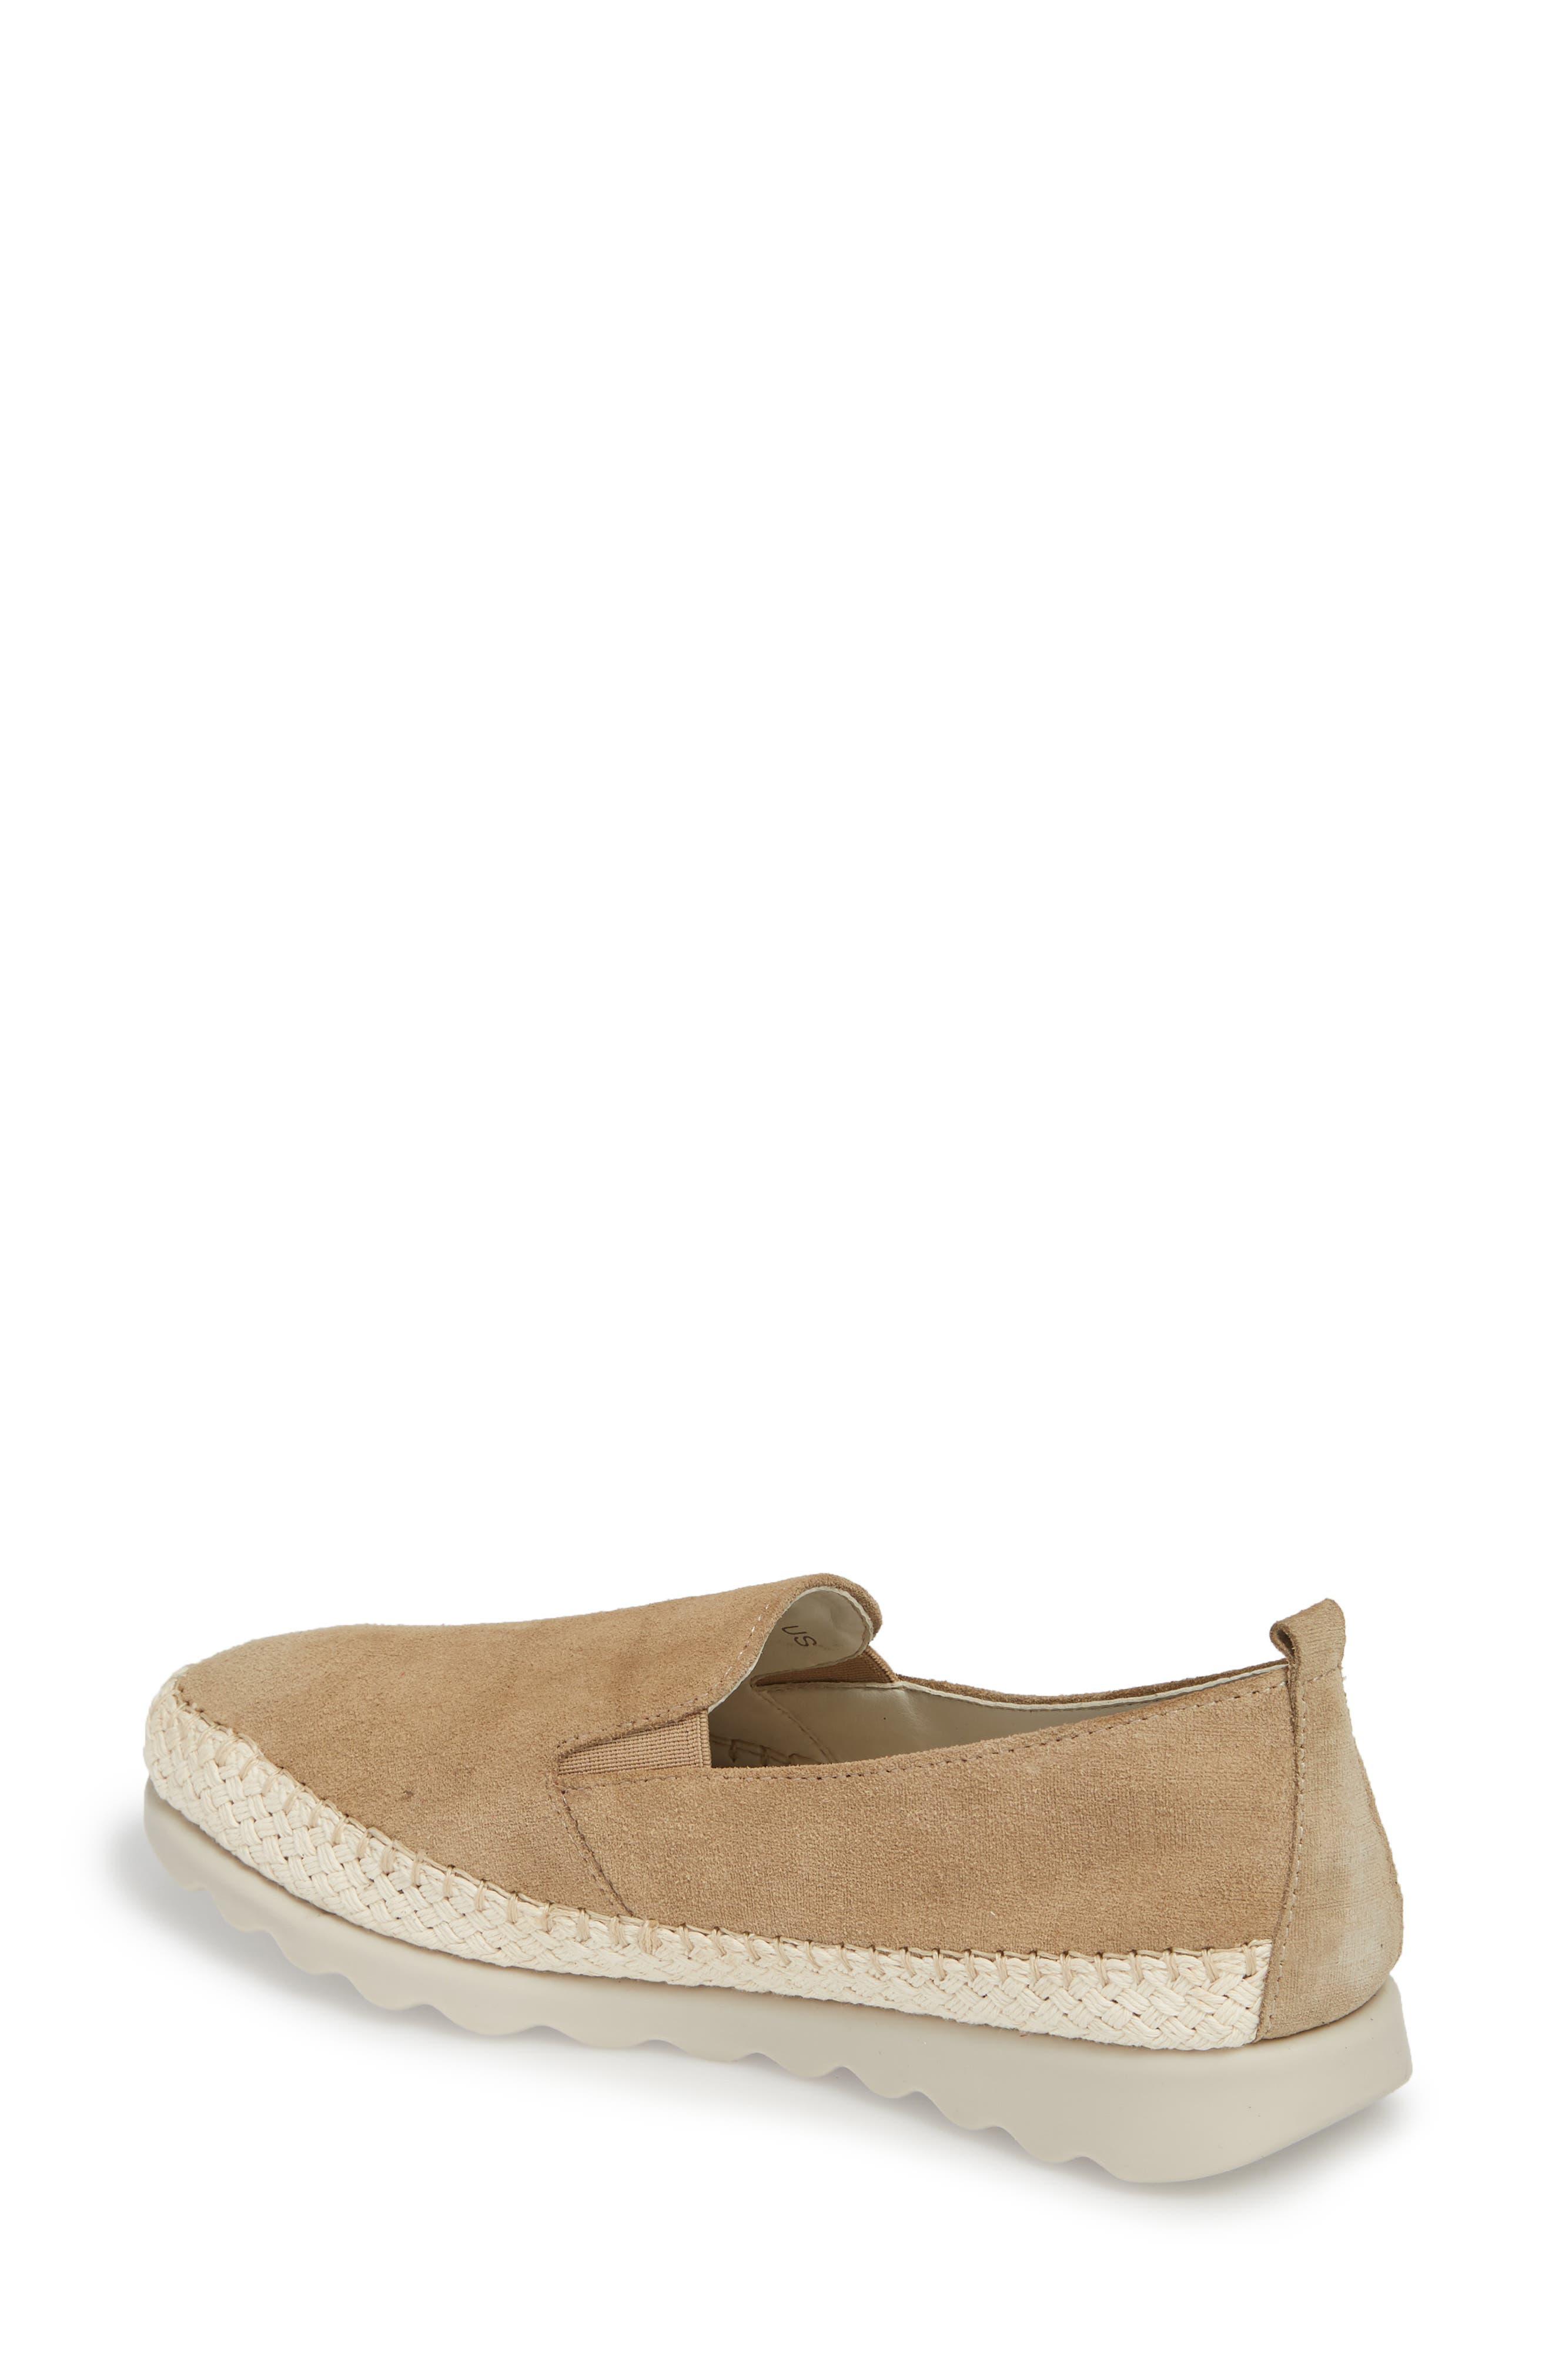 Chappie Slip-On Sneaker,                             Alternate thumbnail 11, color,